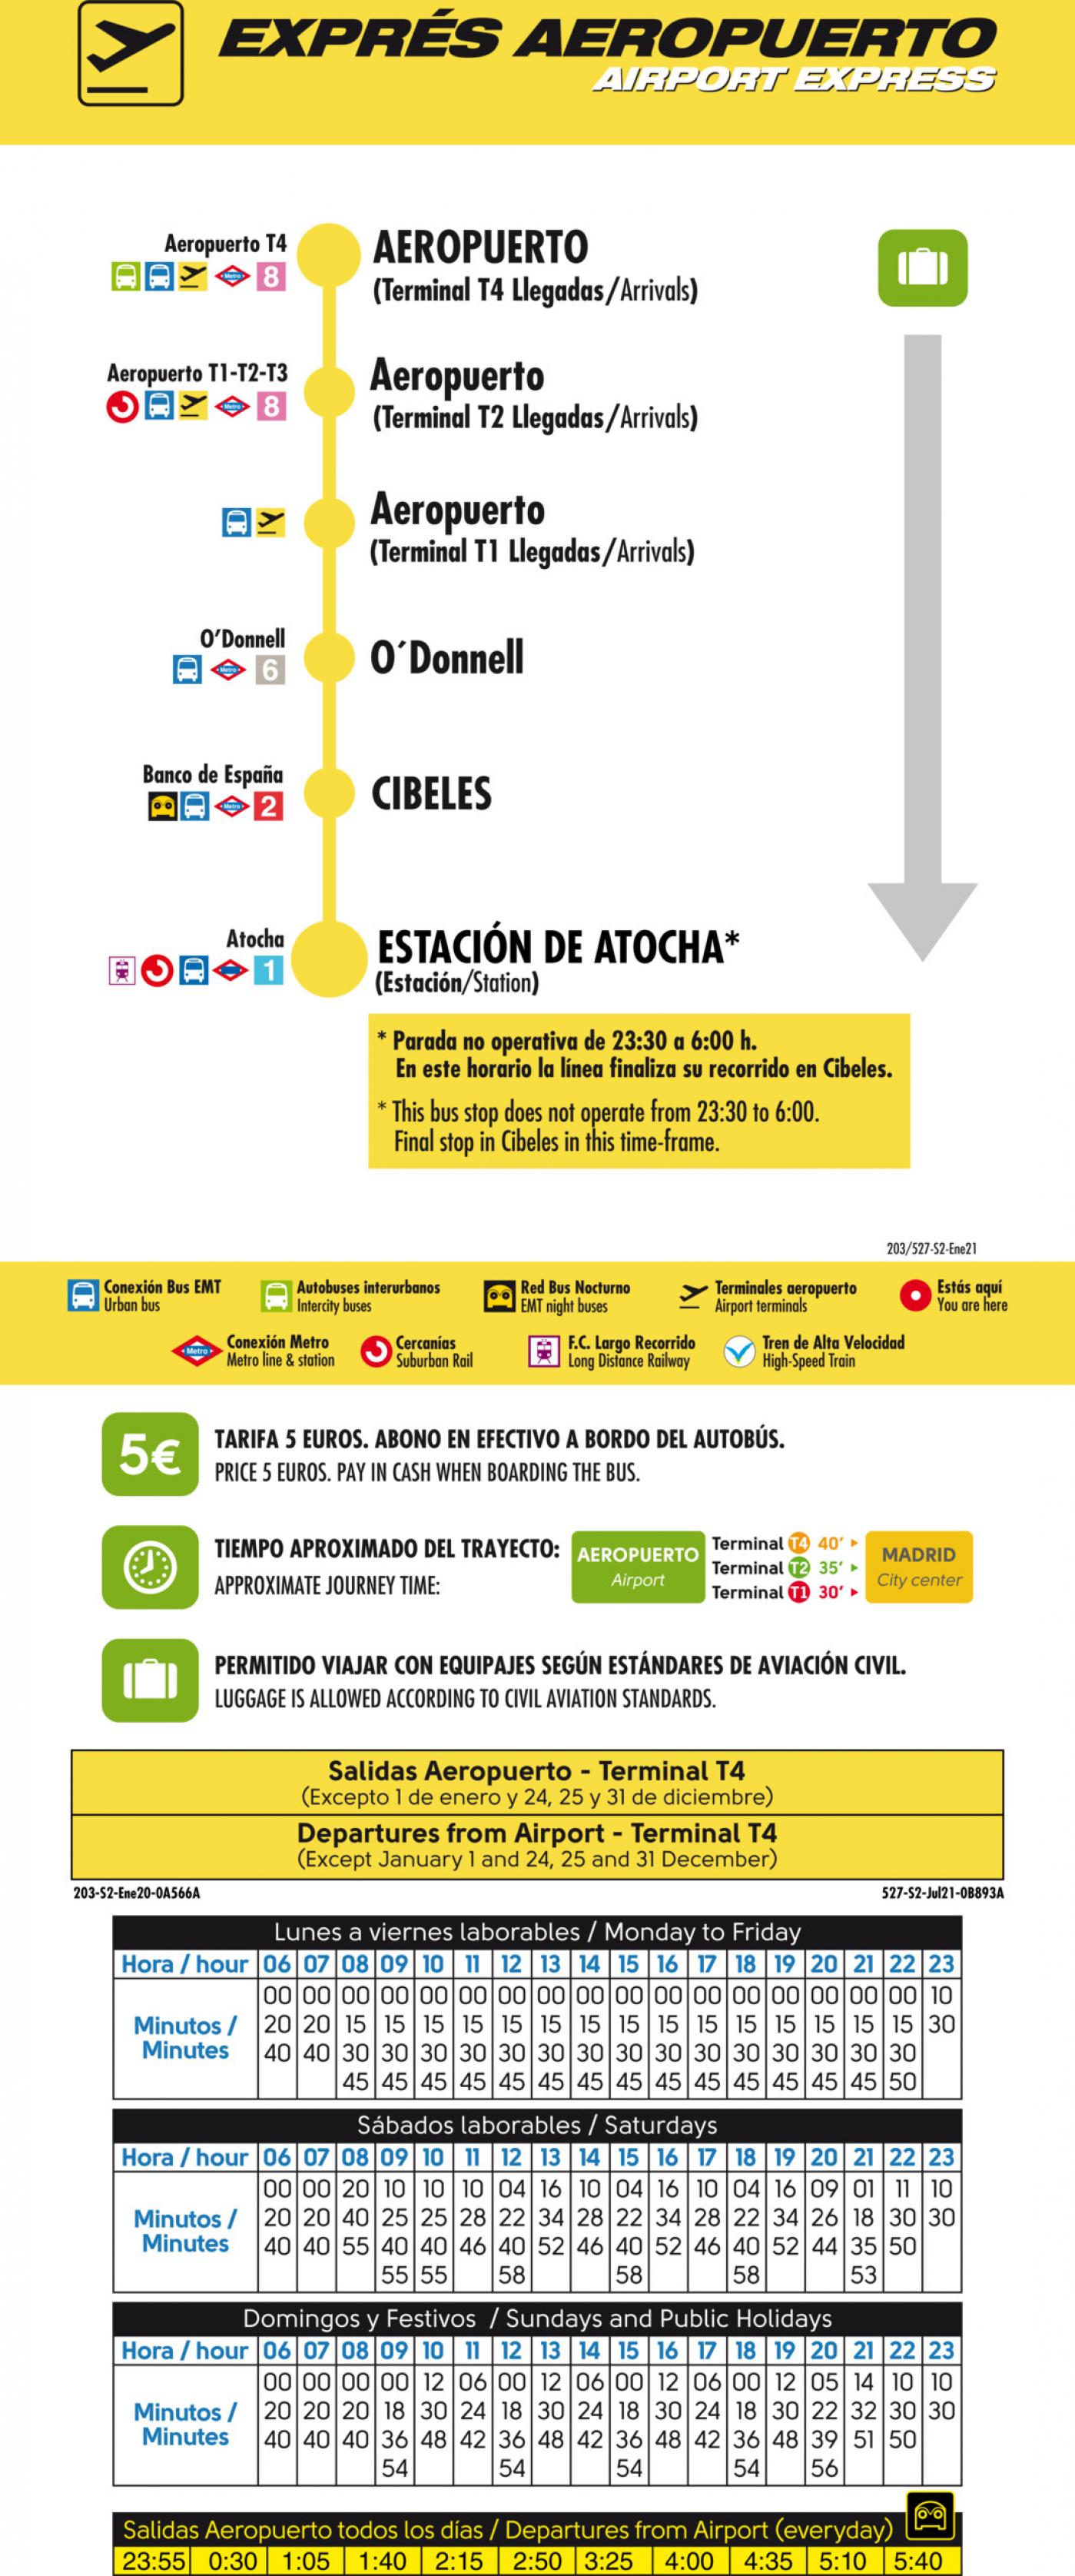 Tabla de horarios y frecuencias de paso en sentido vuelta Línea 203: Exprés Aeropuerto Barajas